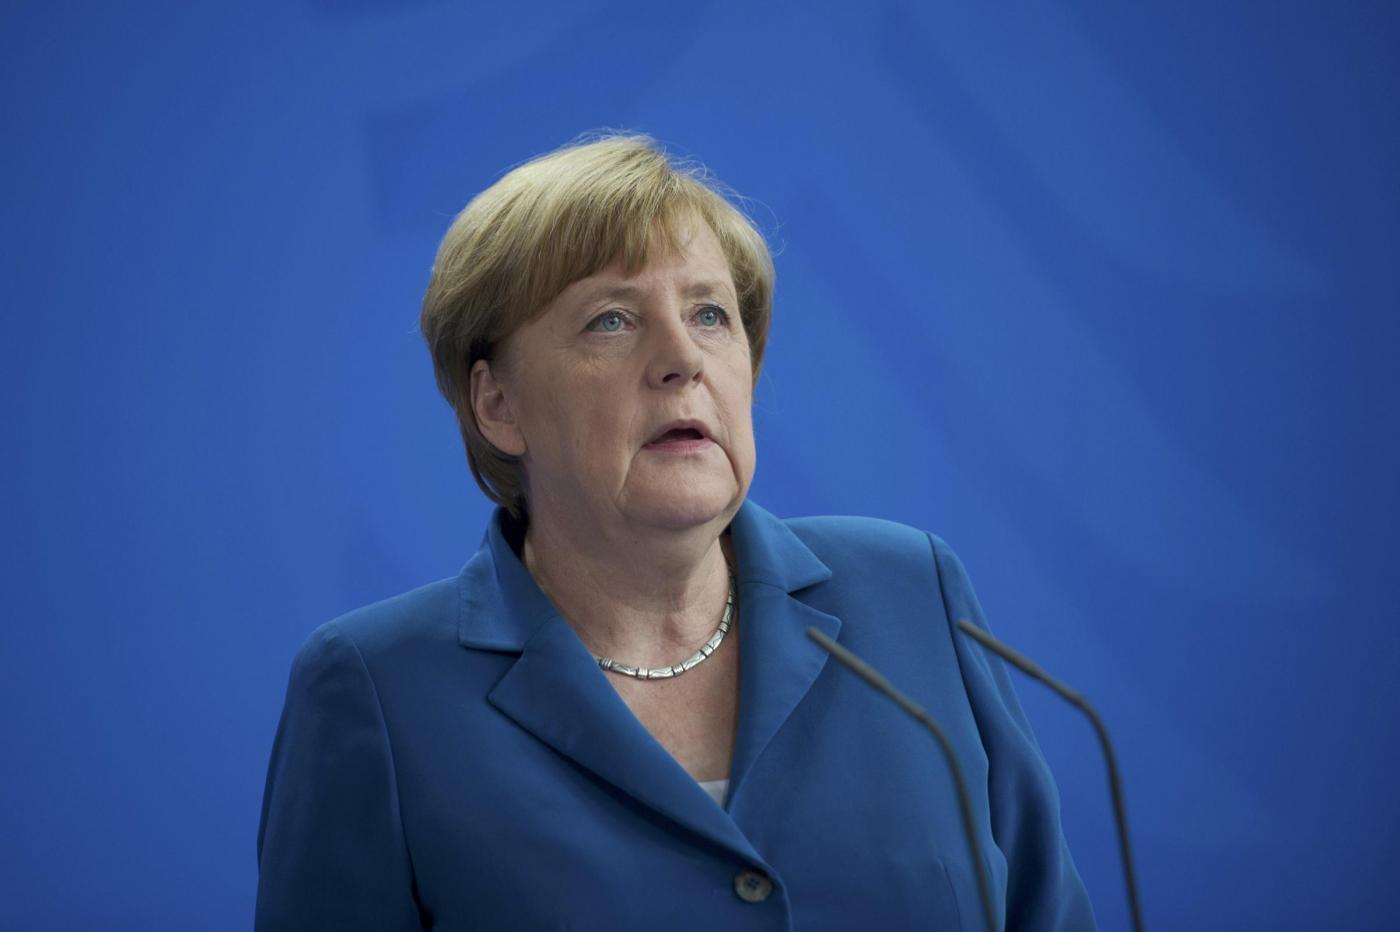 Angela Merkel: 'Continueremo a dare asilo a chi fugge dalla guerra'